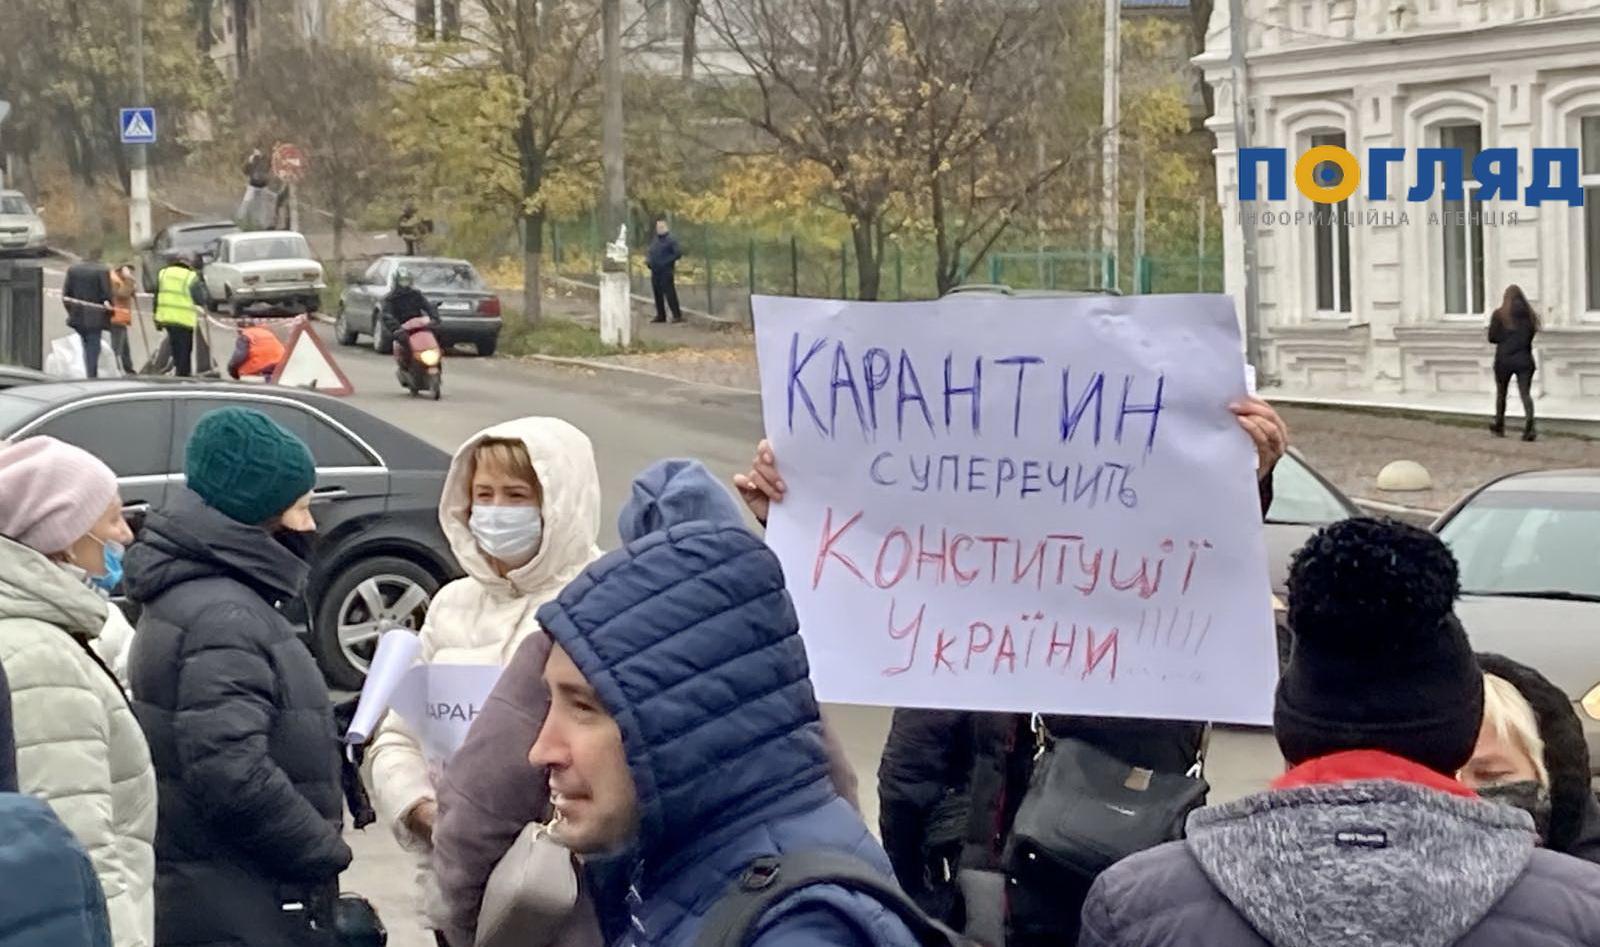 В Україні можуть скасувати карантин «вихідного дня» - коронавірус, карантин - zobrazhennya viber 2020 11 16 12 35 32